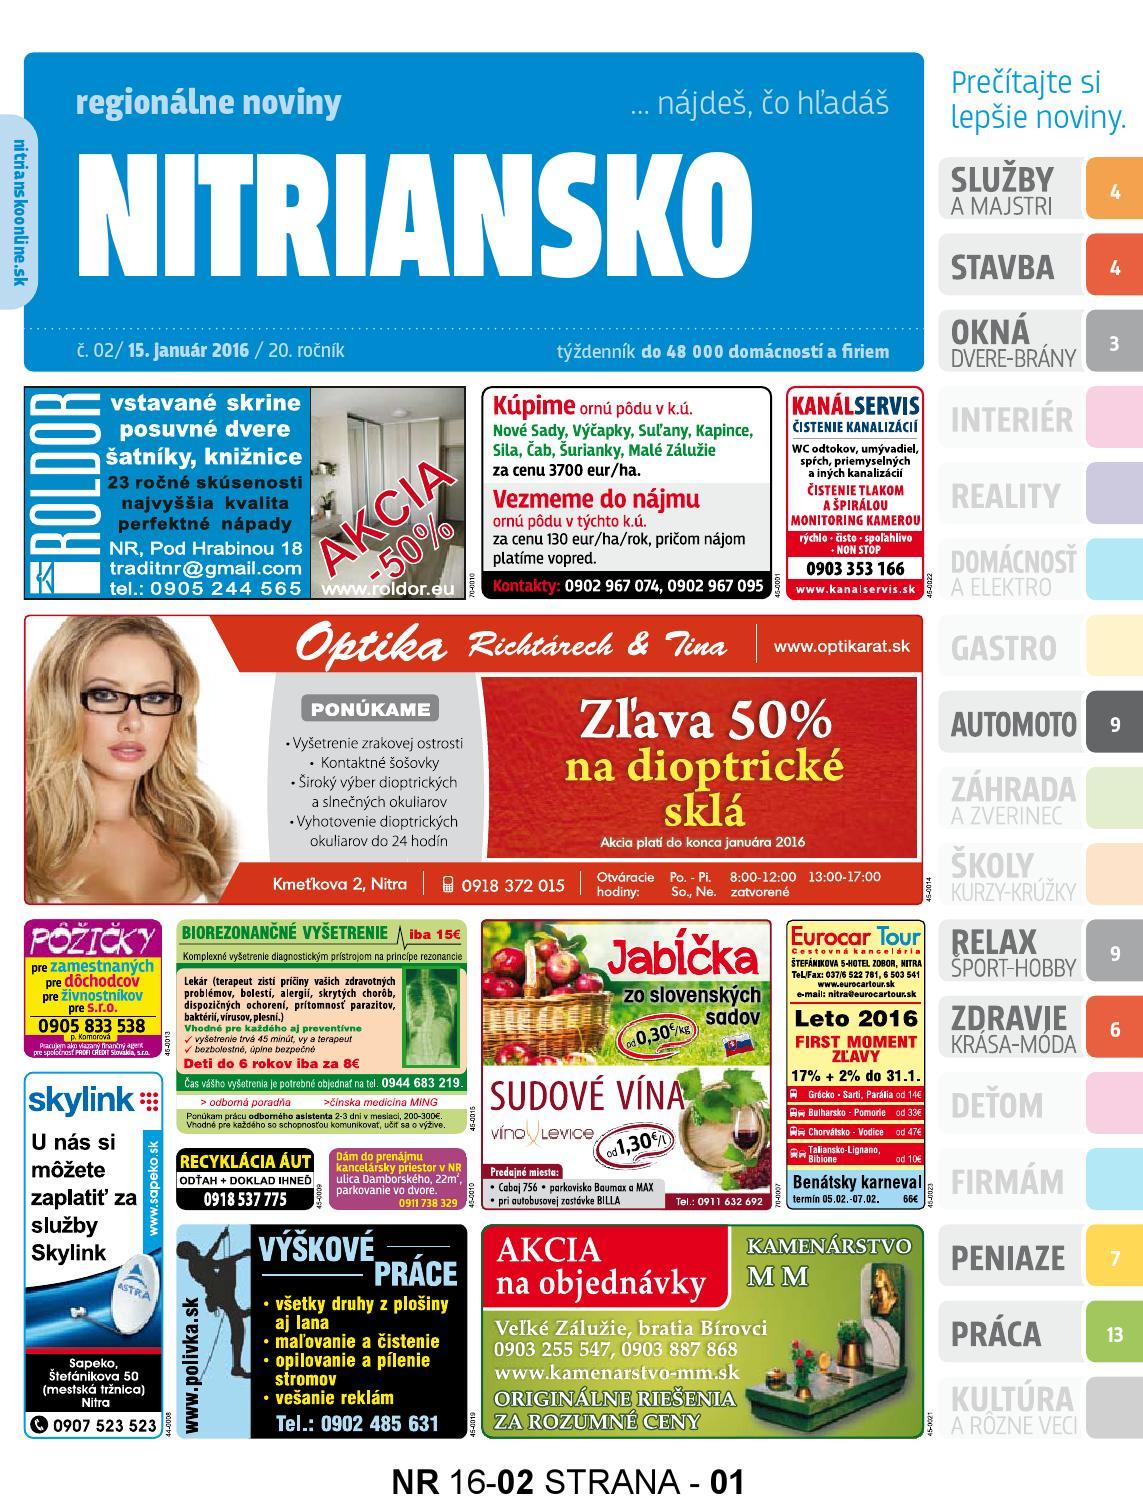 Zoznamka lokality Varšava